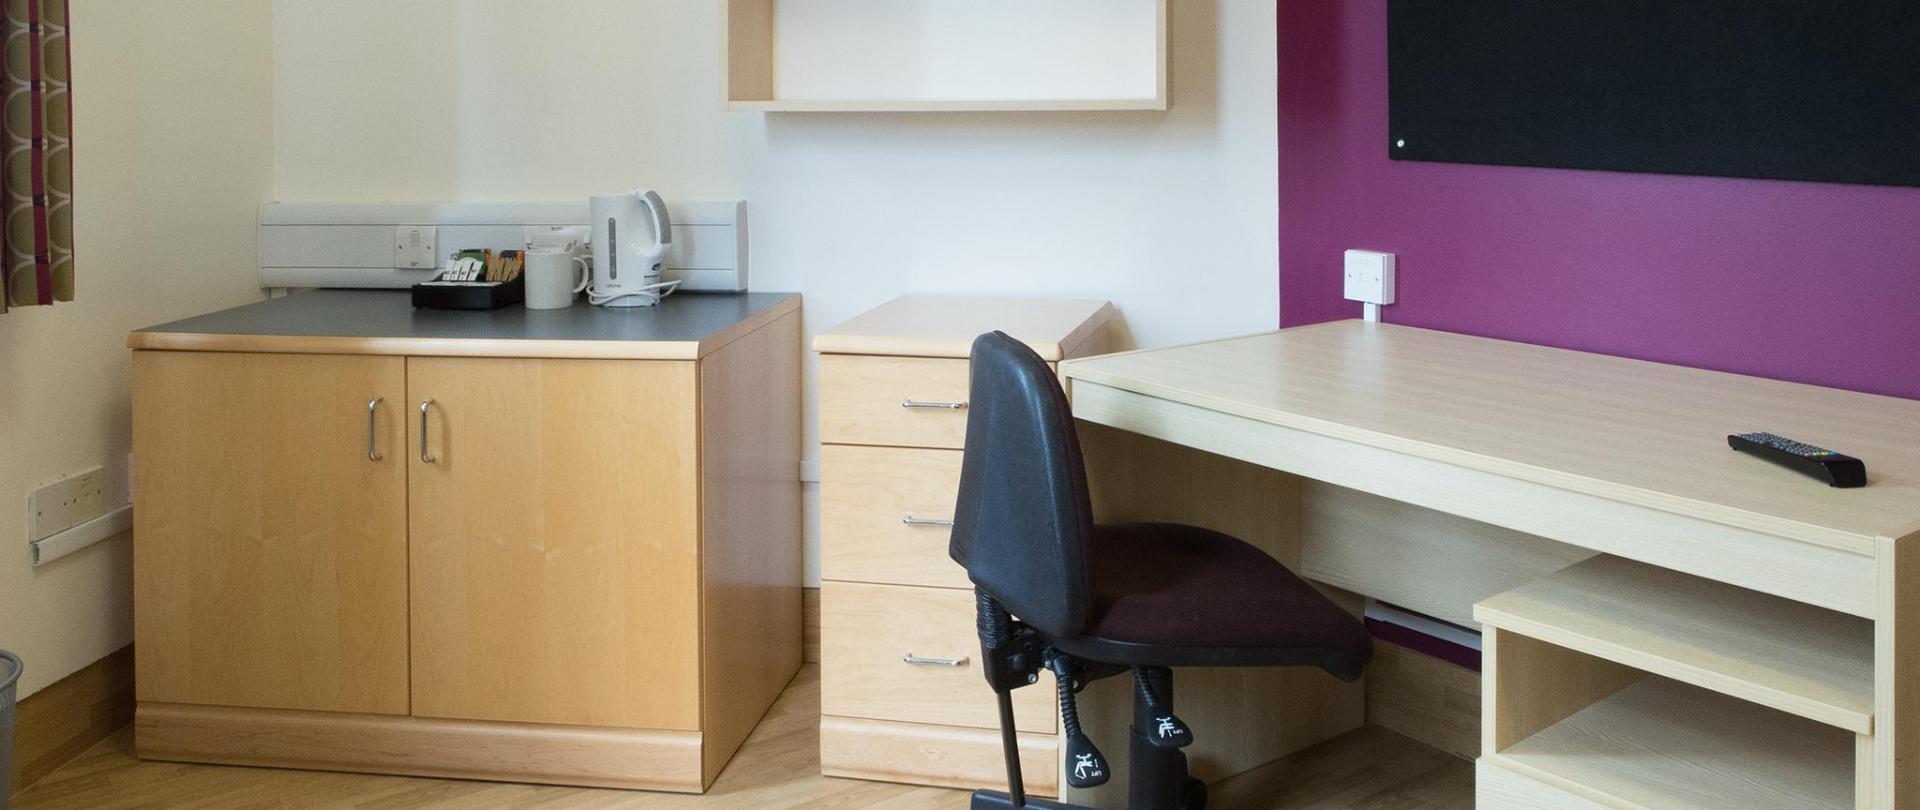 Polden-desk-area.jpg